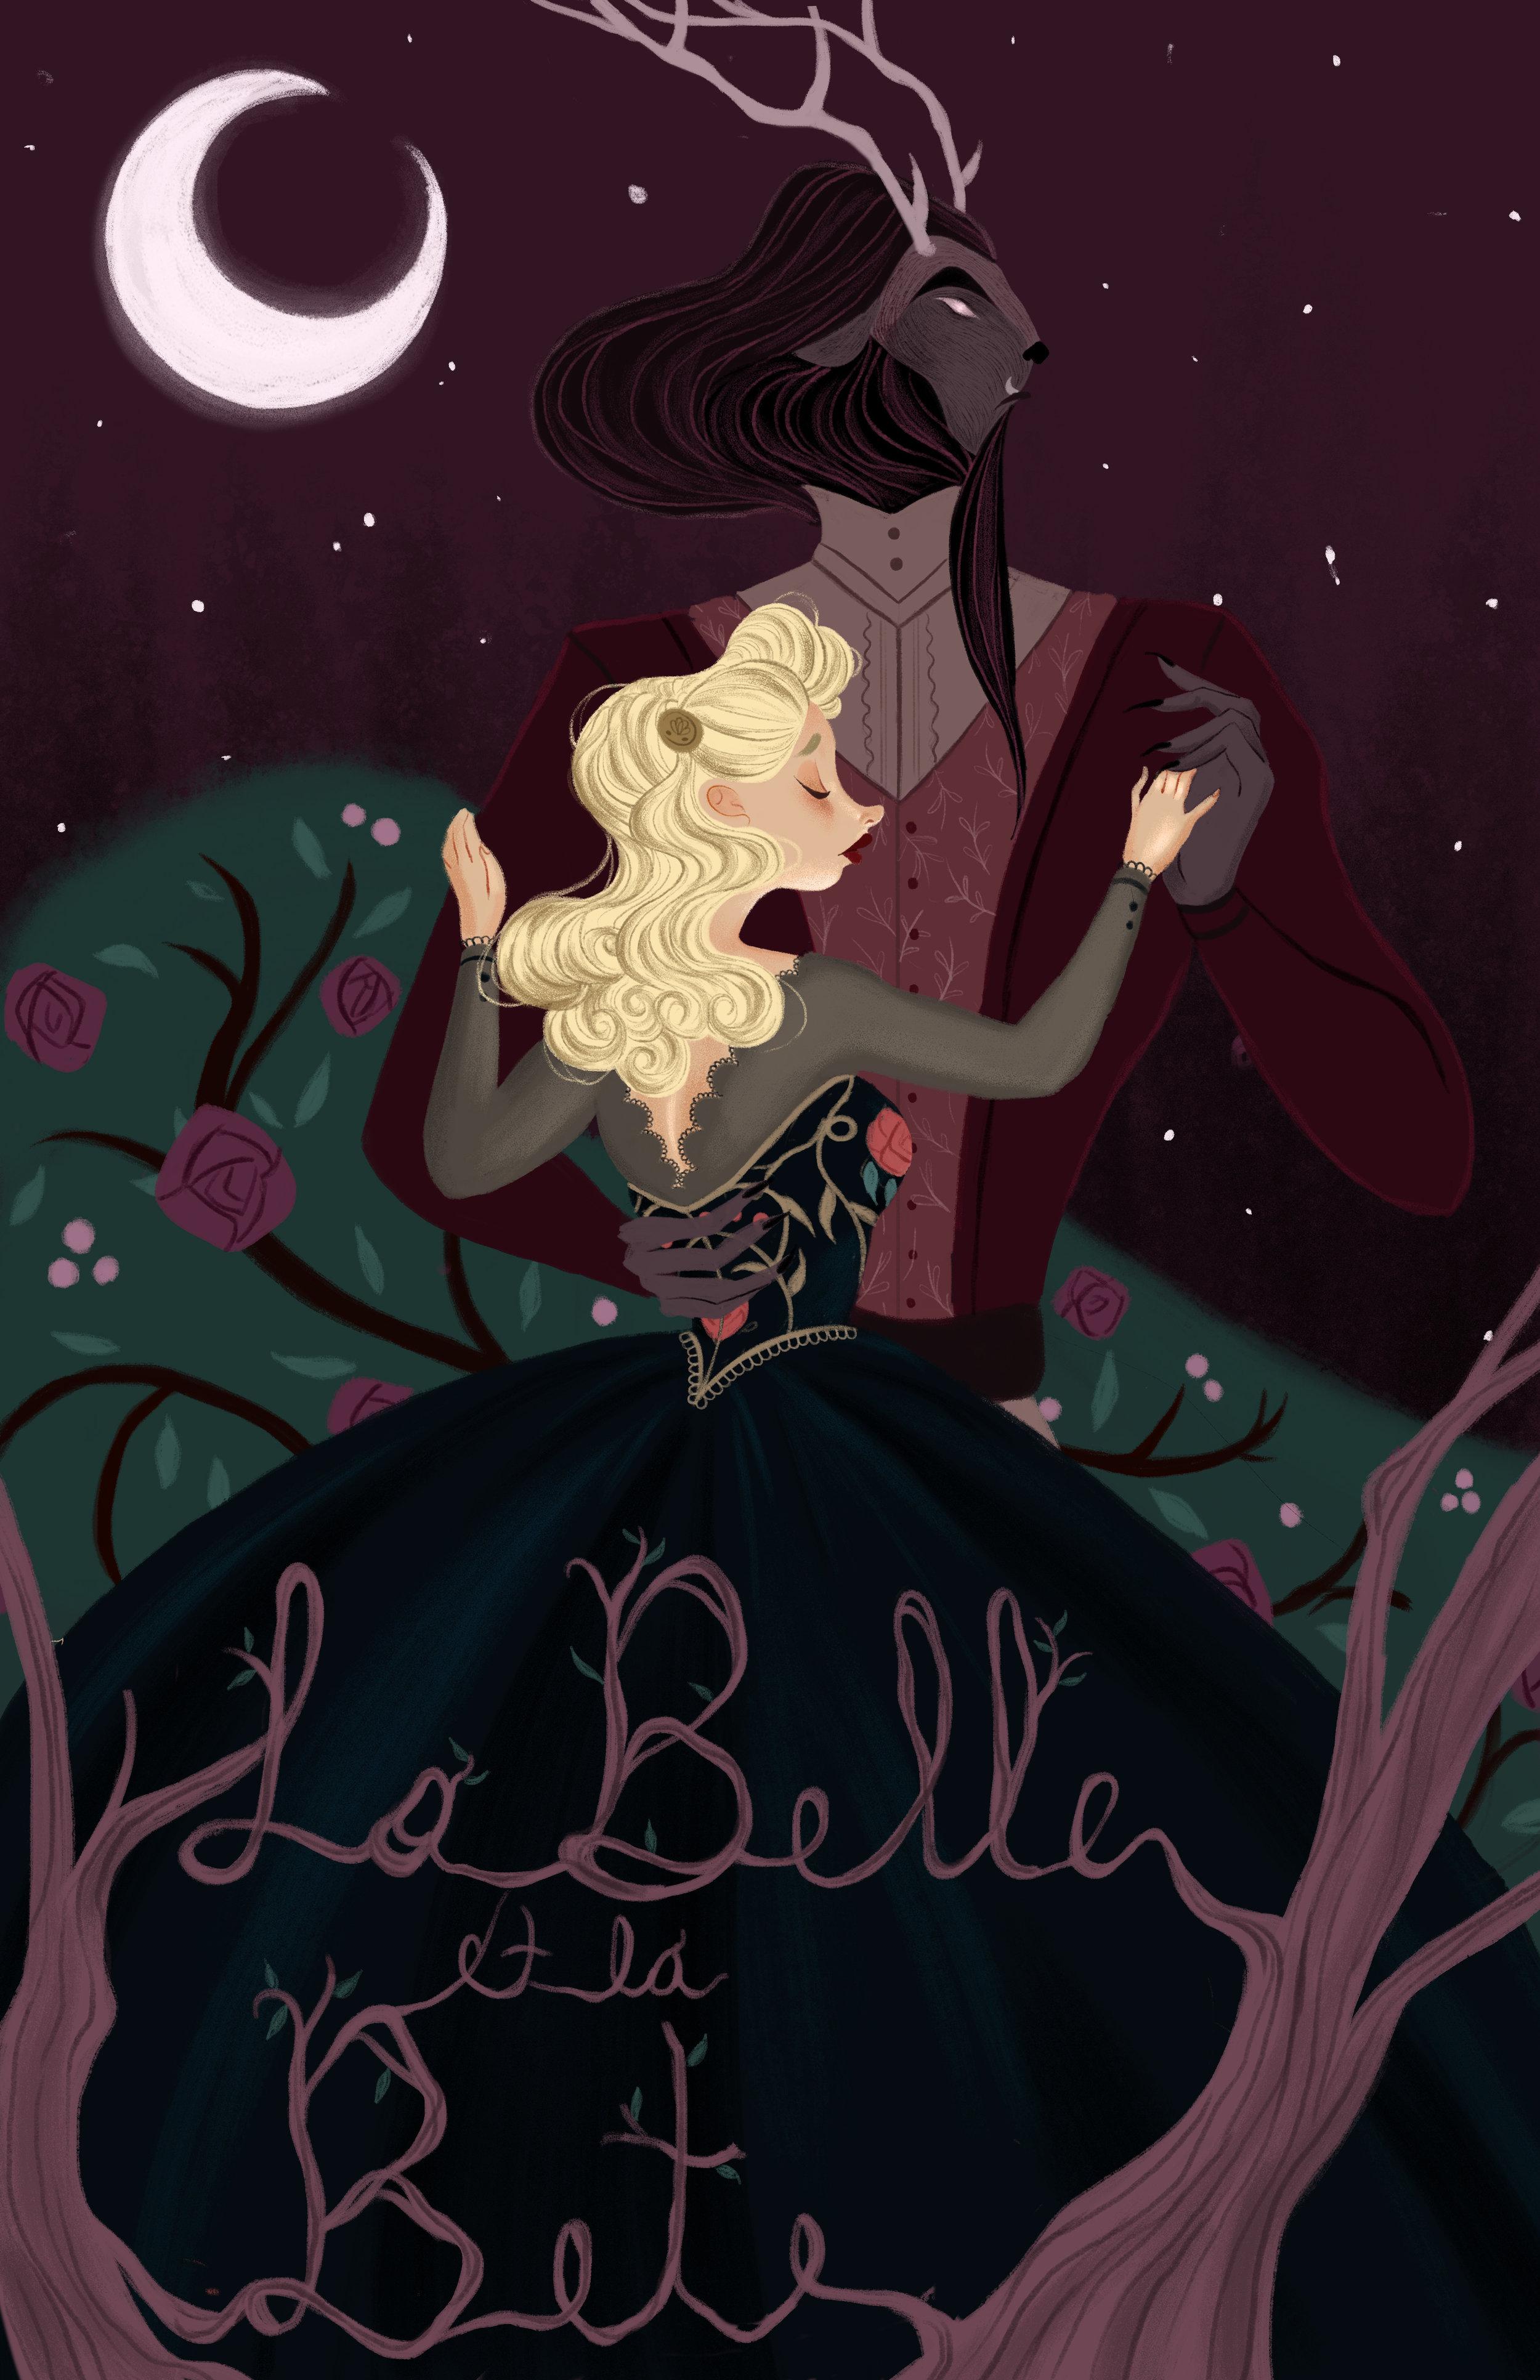 La Belle et la Bete Book Cover.jpg